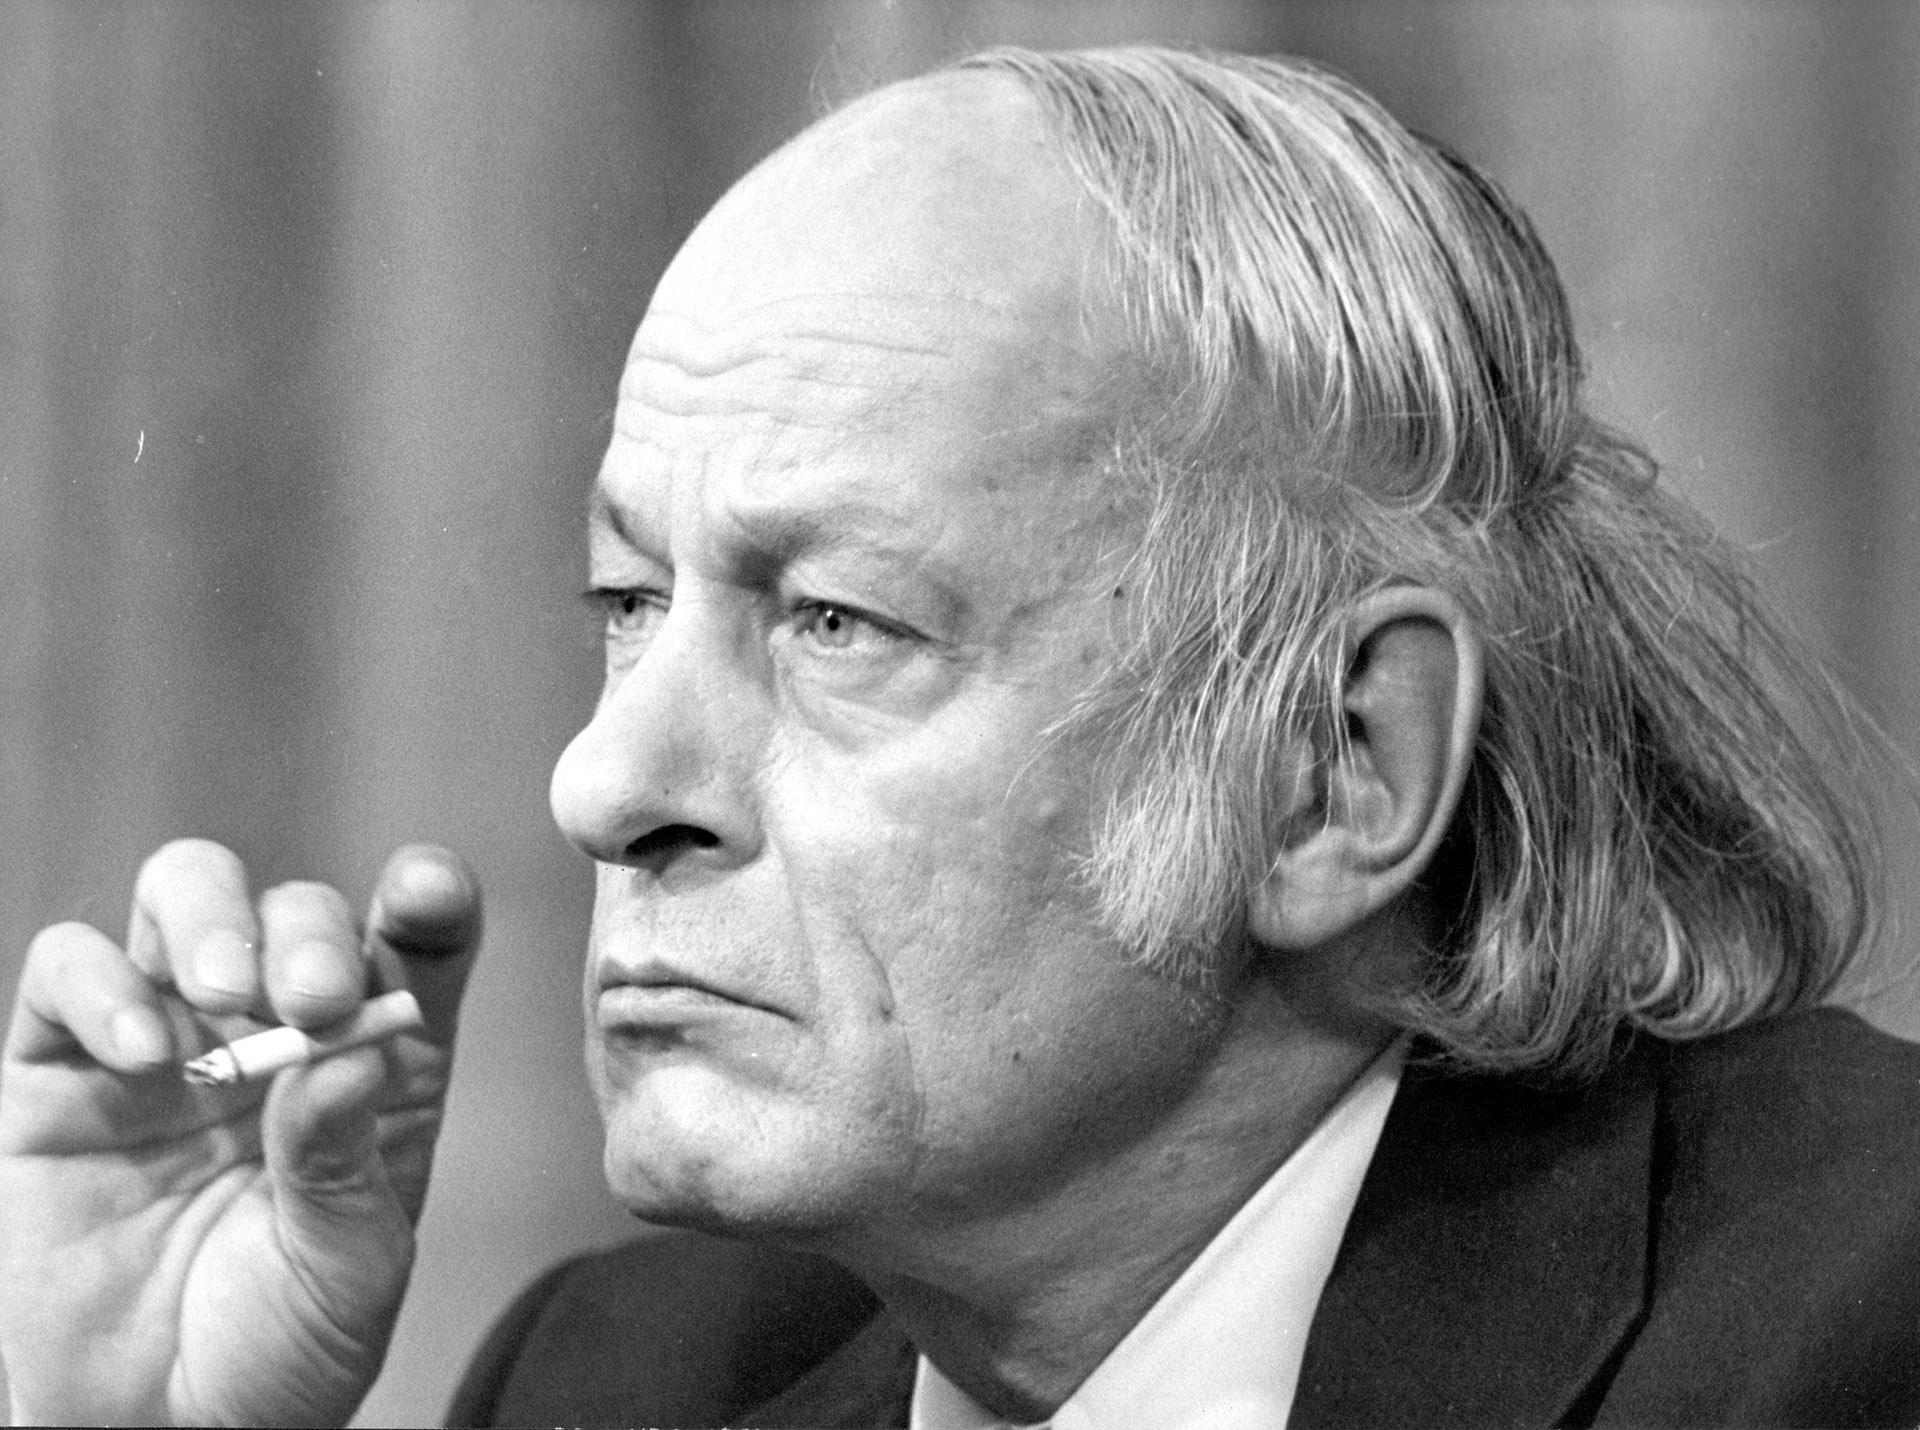 René Levesque fue primer ministrodesde 1976 a 1985 escondía su calvicie con un peinado particular(Photo by Keystone/Getty Images)